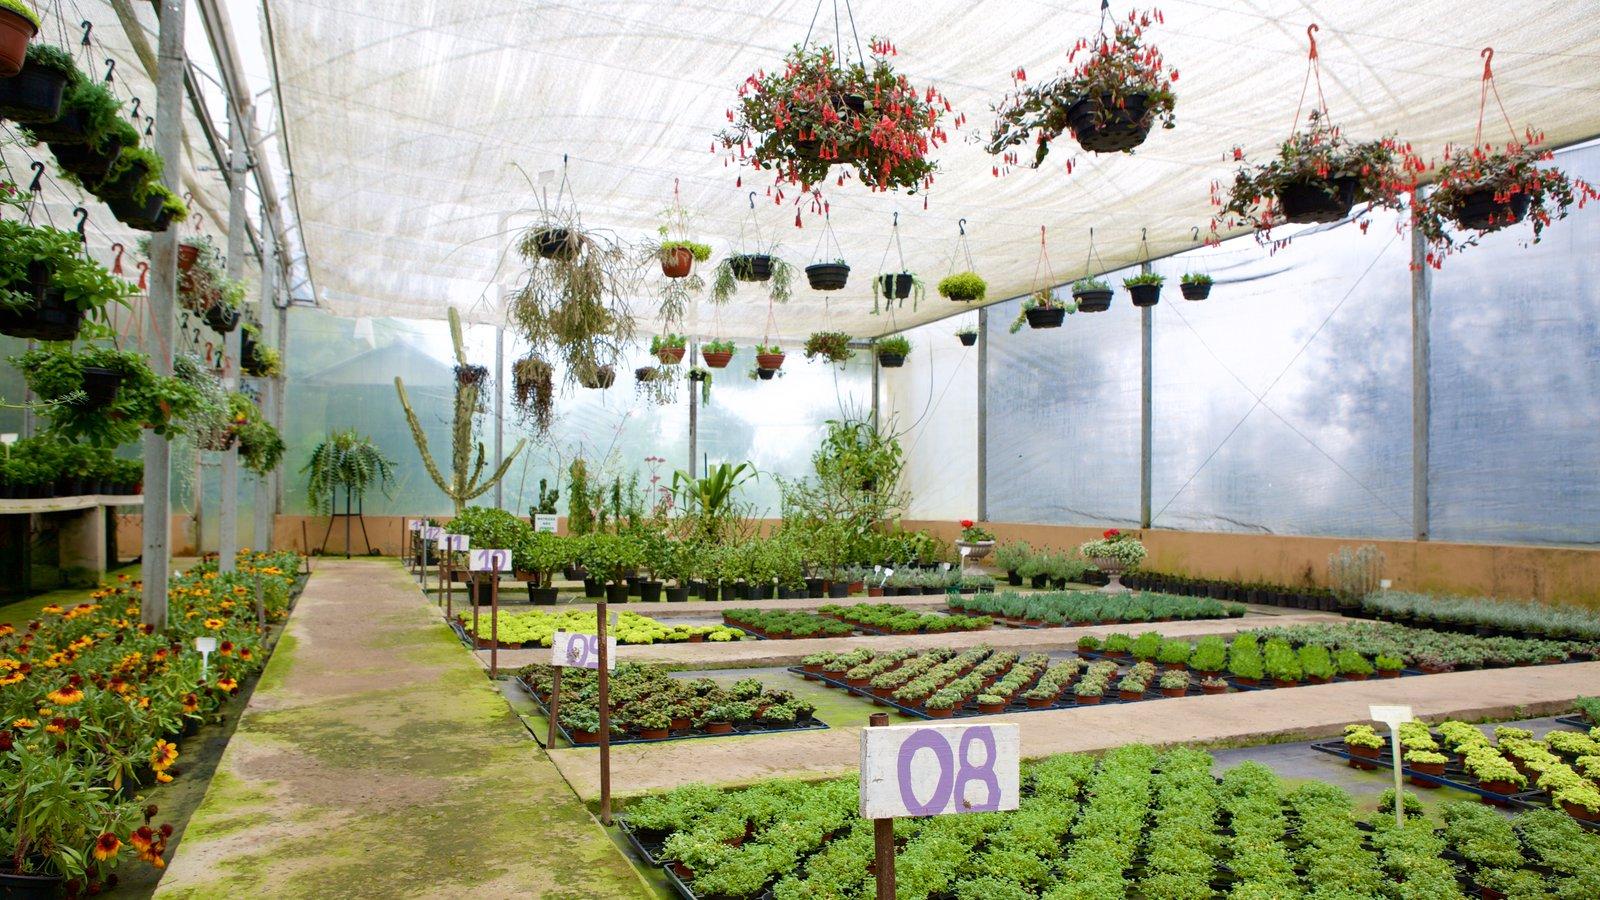 Le Jardin Parque de Lavanda que inclui vistas internas e flores